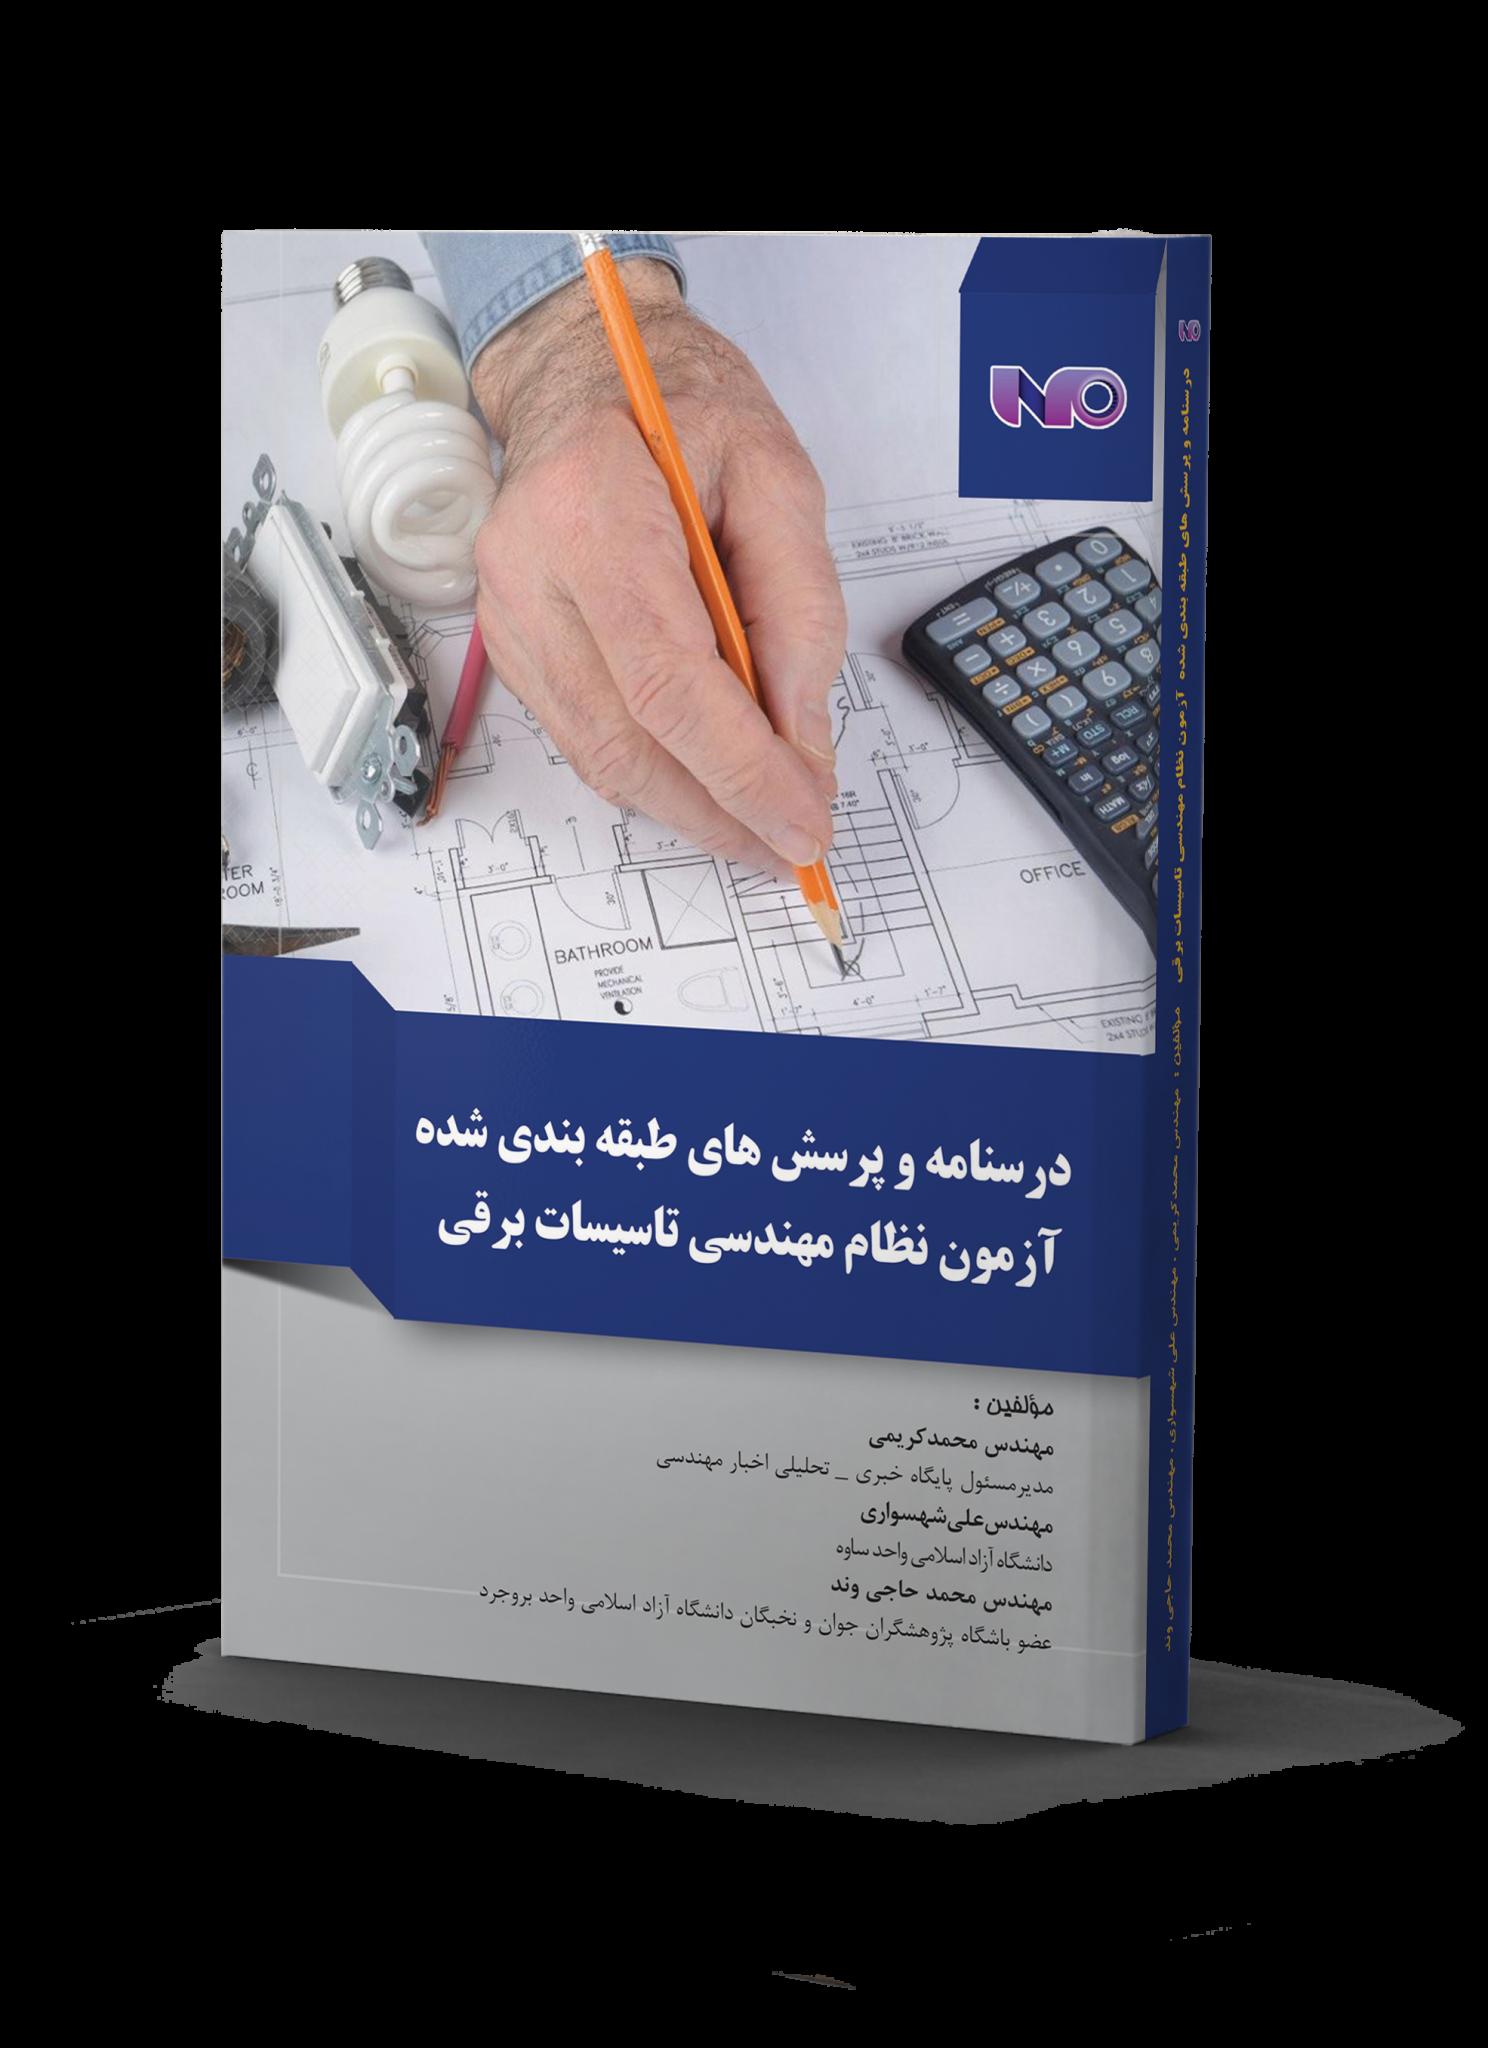 درسنامه و پرسشهای طبقهبندی شده آزمون نظام <a href=